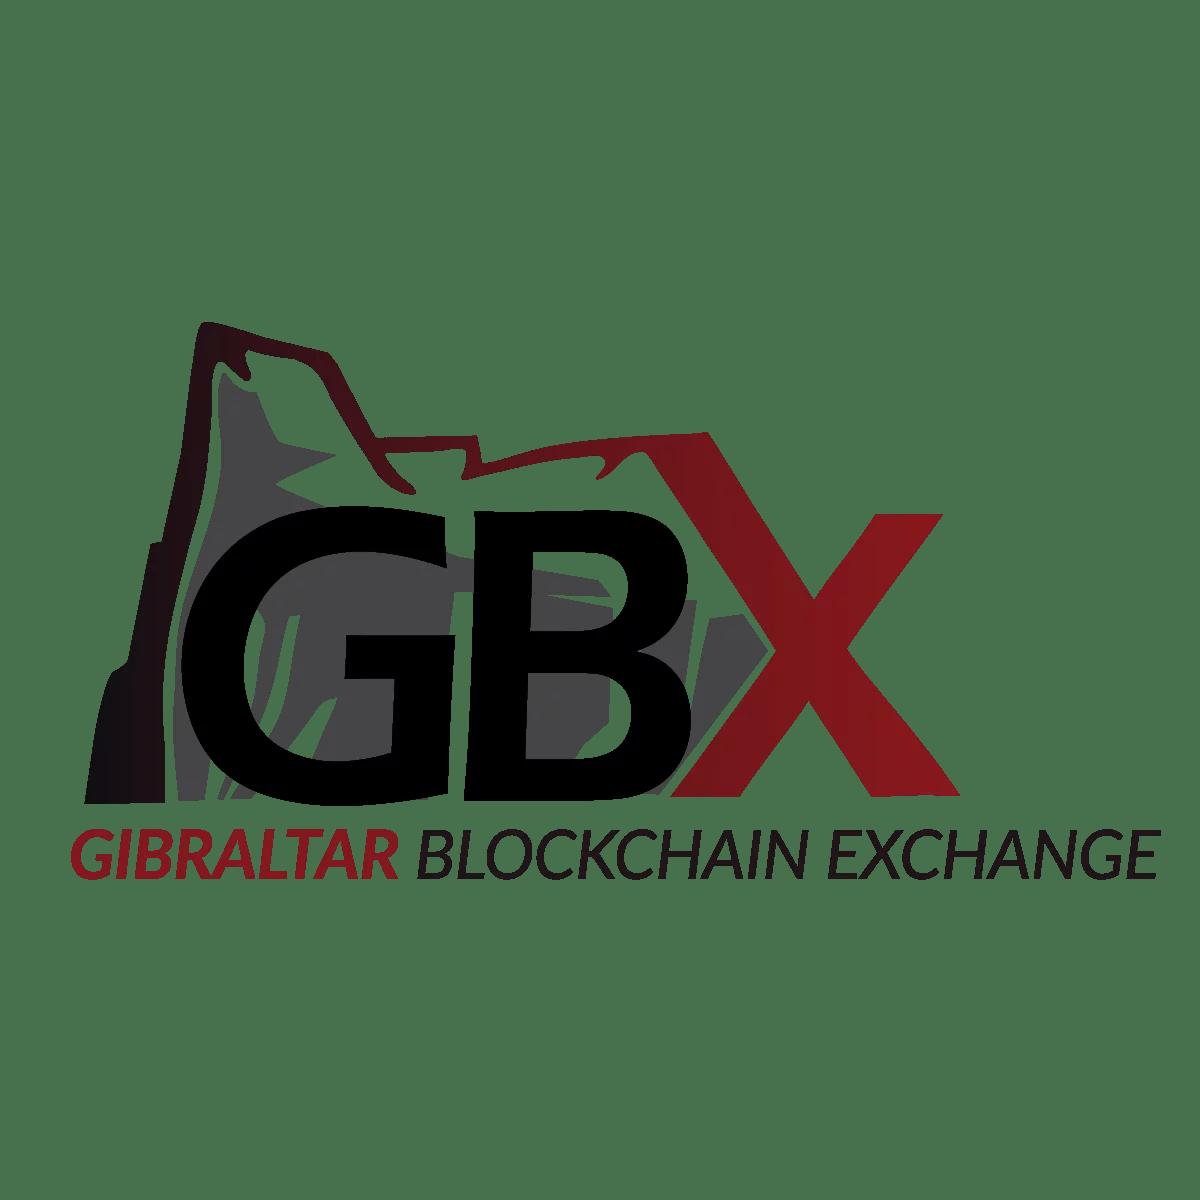 GBX logo